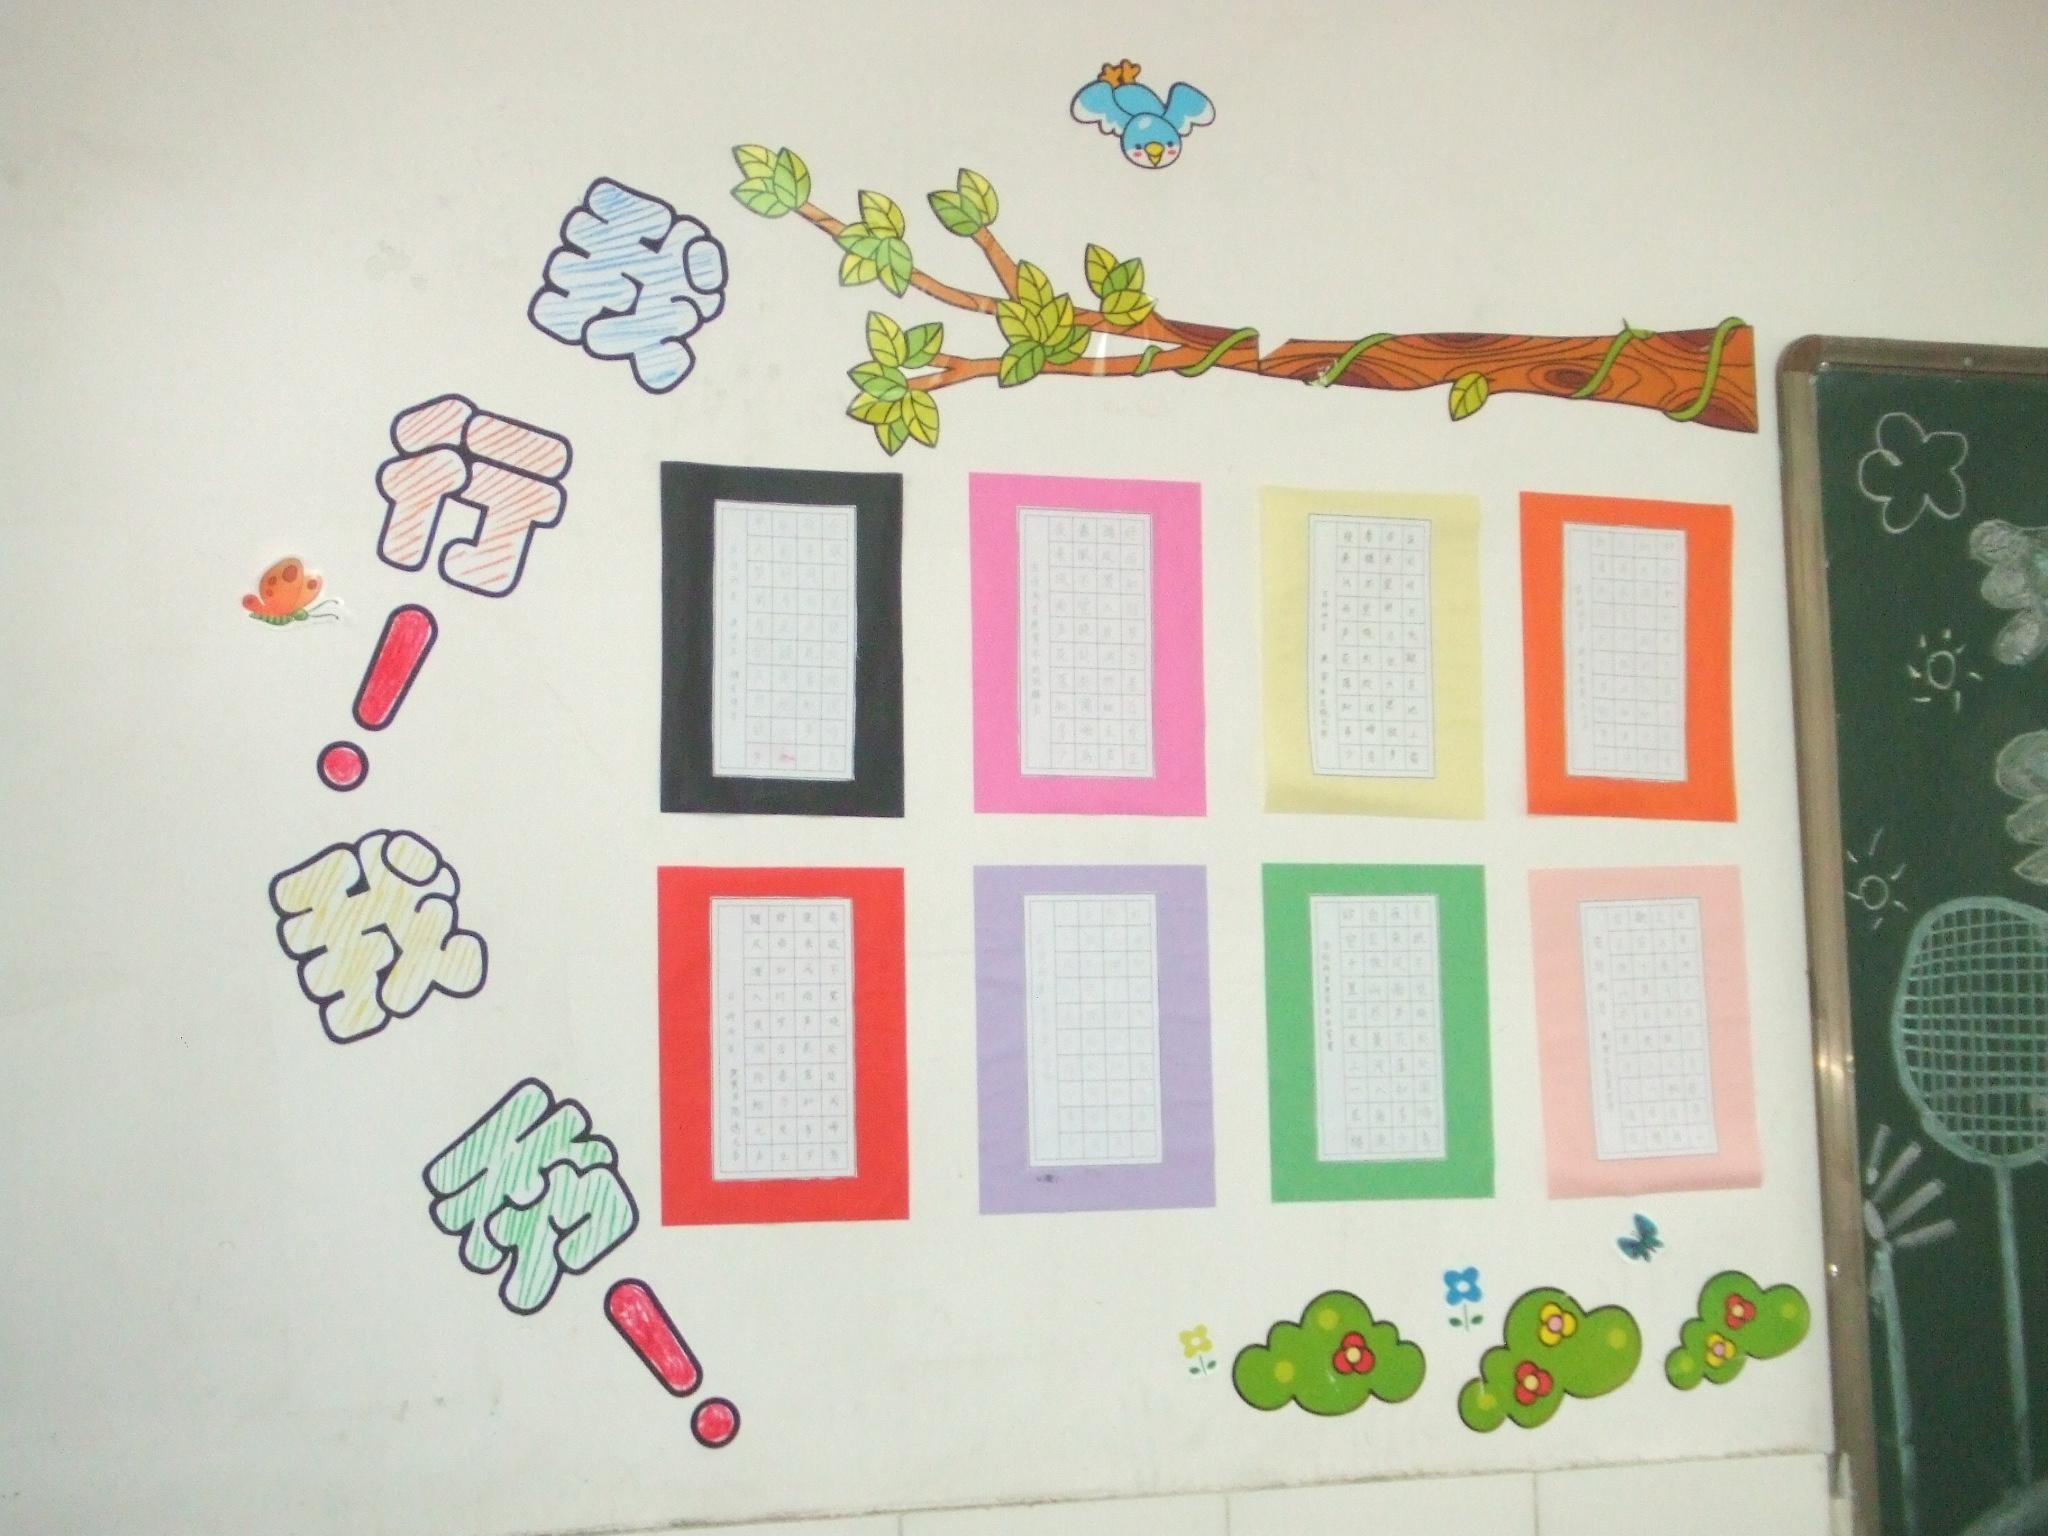 幼儿园板块边框装饰